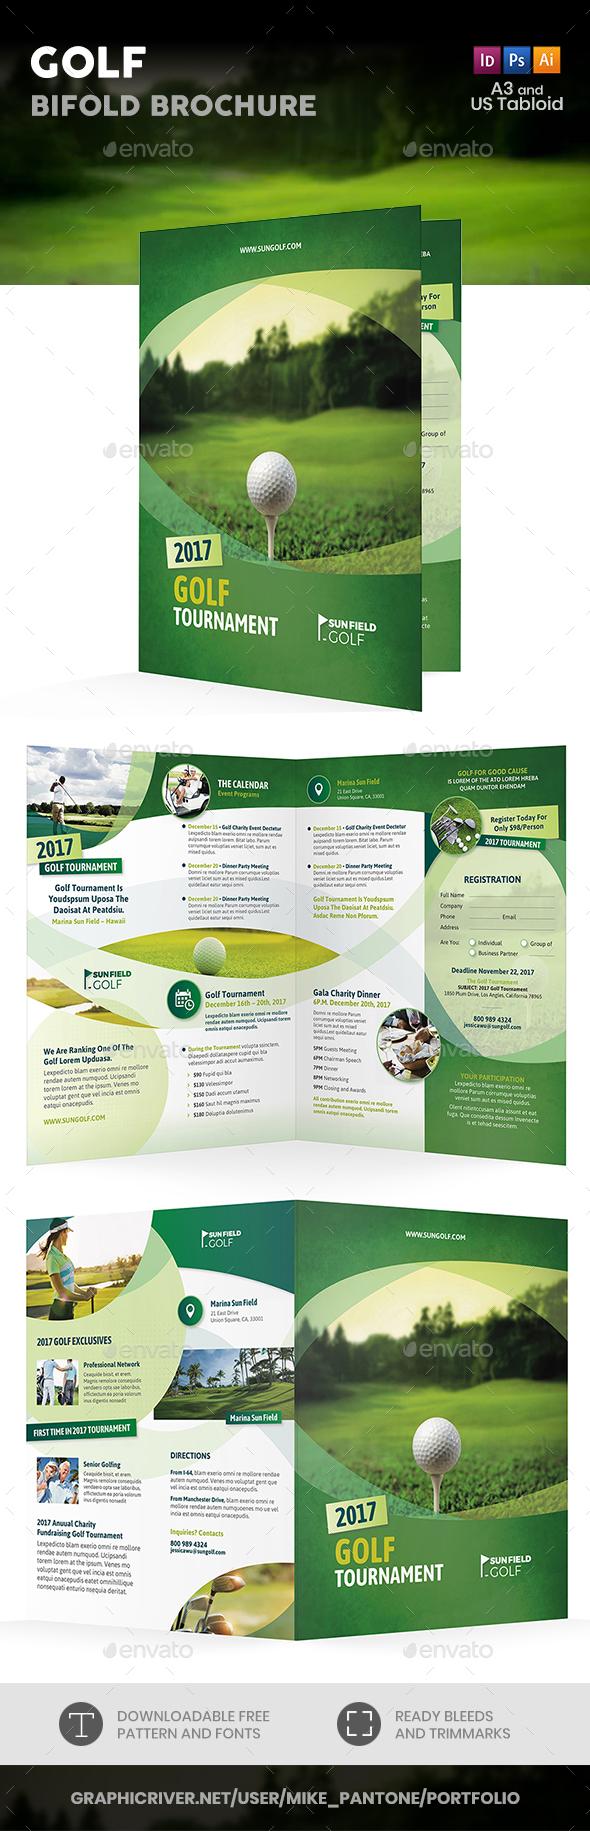 Golf Bifold / Halffold Brochure 7 - Informational Brochures